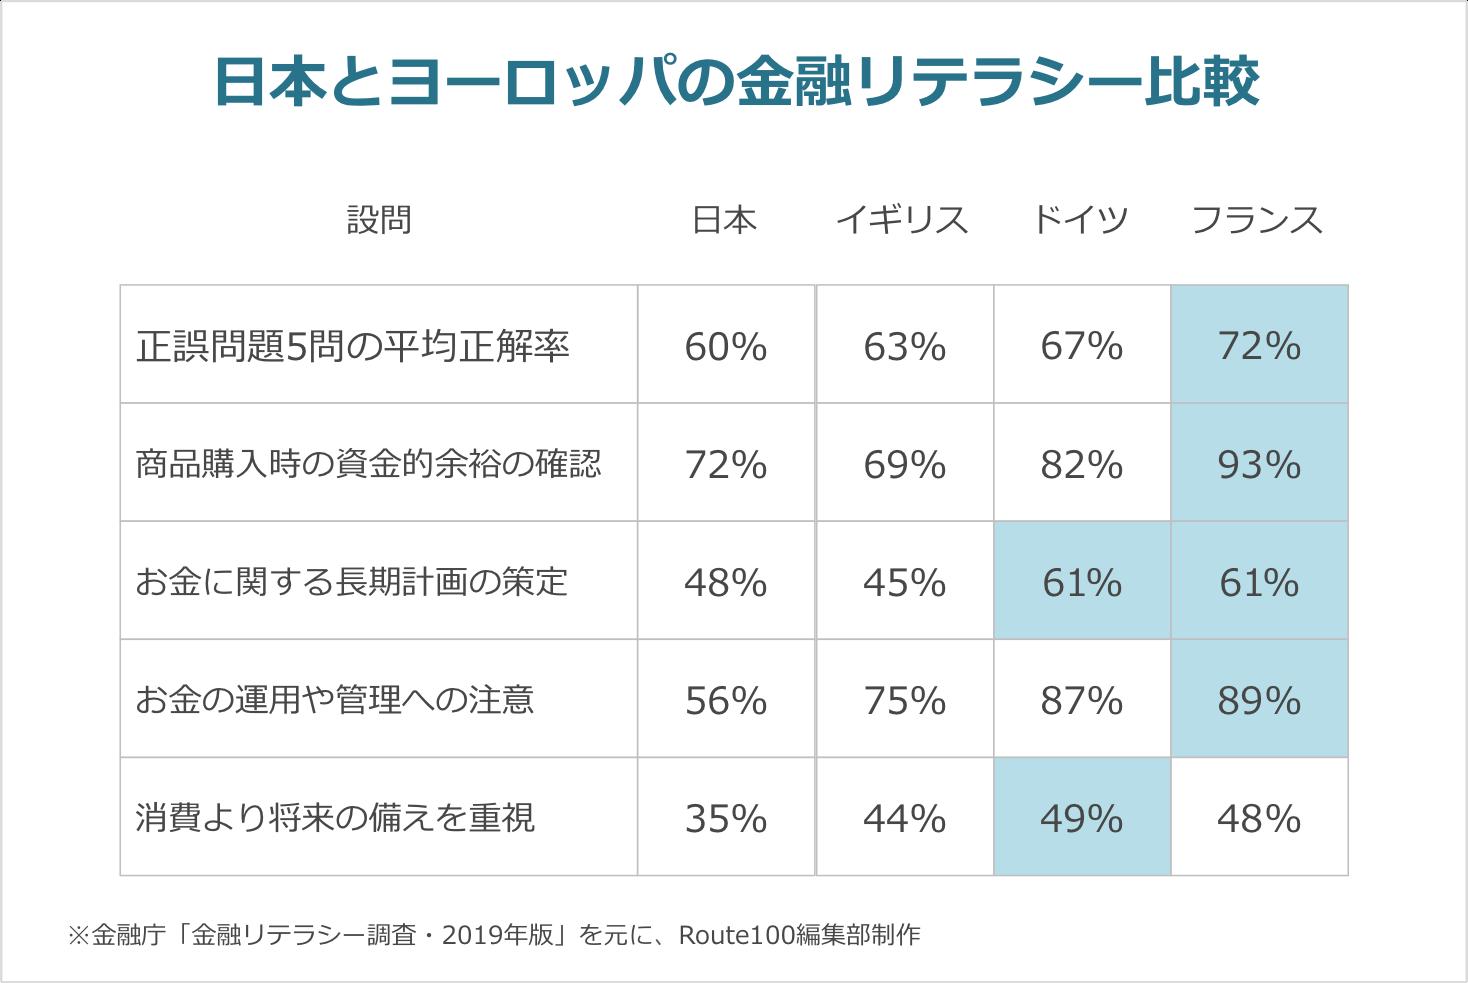 日本とヨーロッパの金融リテラシー比較